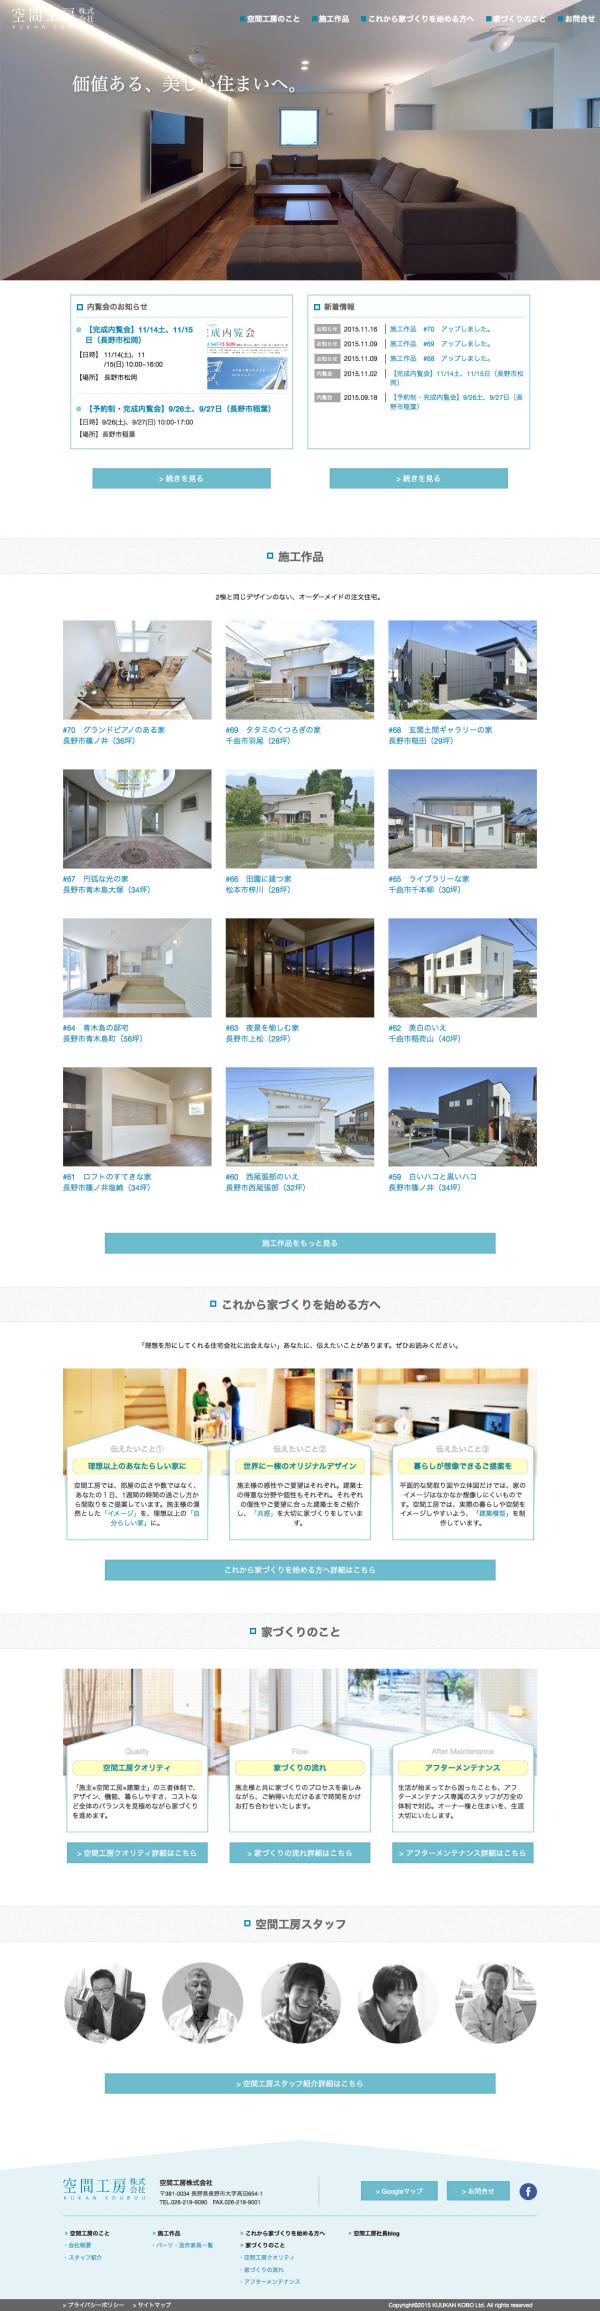 長野市の工務店 注文住宅|空間工房 株式会社-k2-office.com